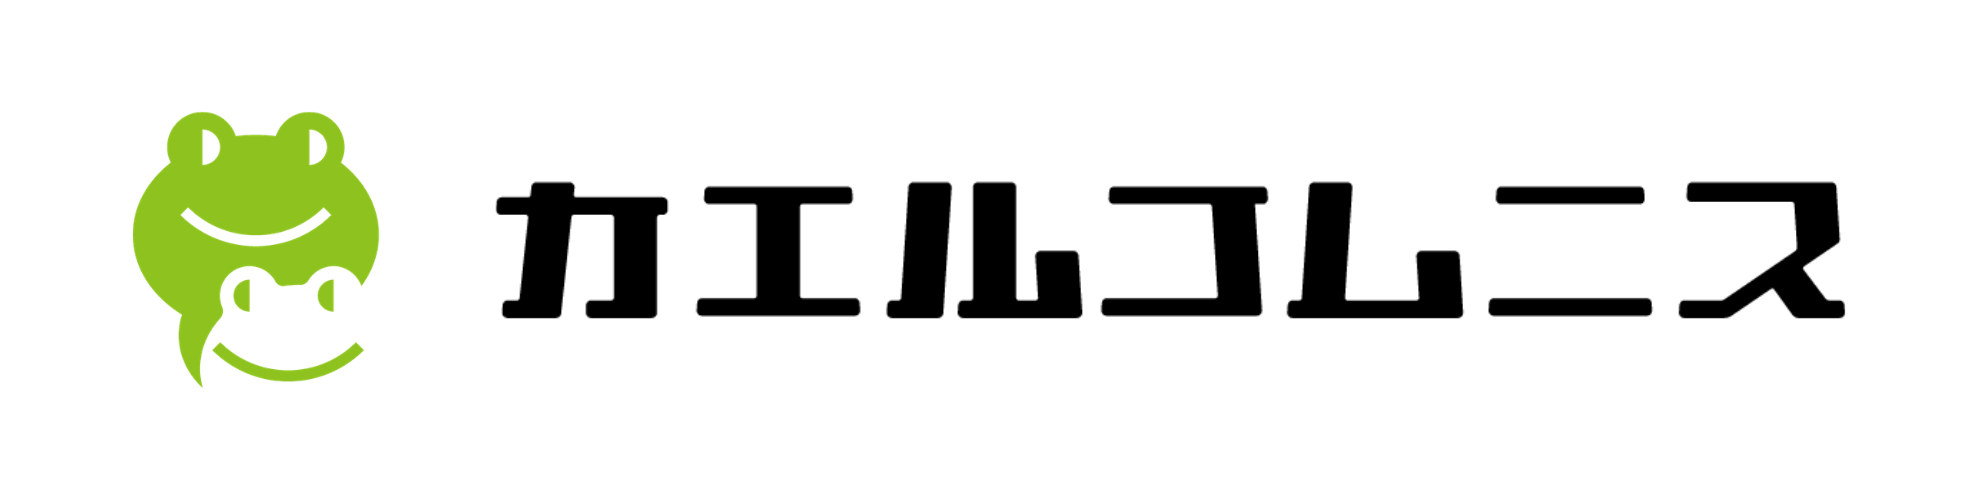 カエルコムニス株式会社